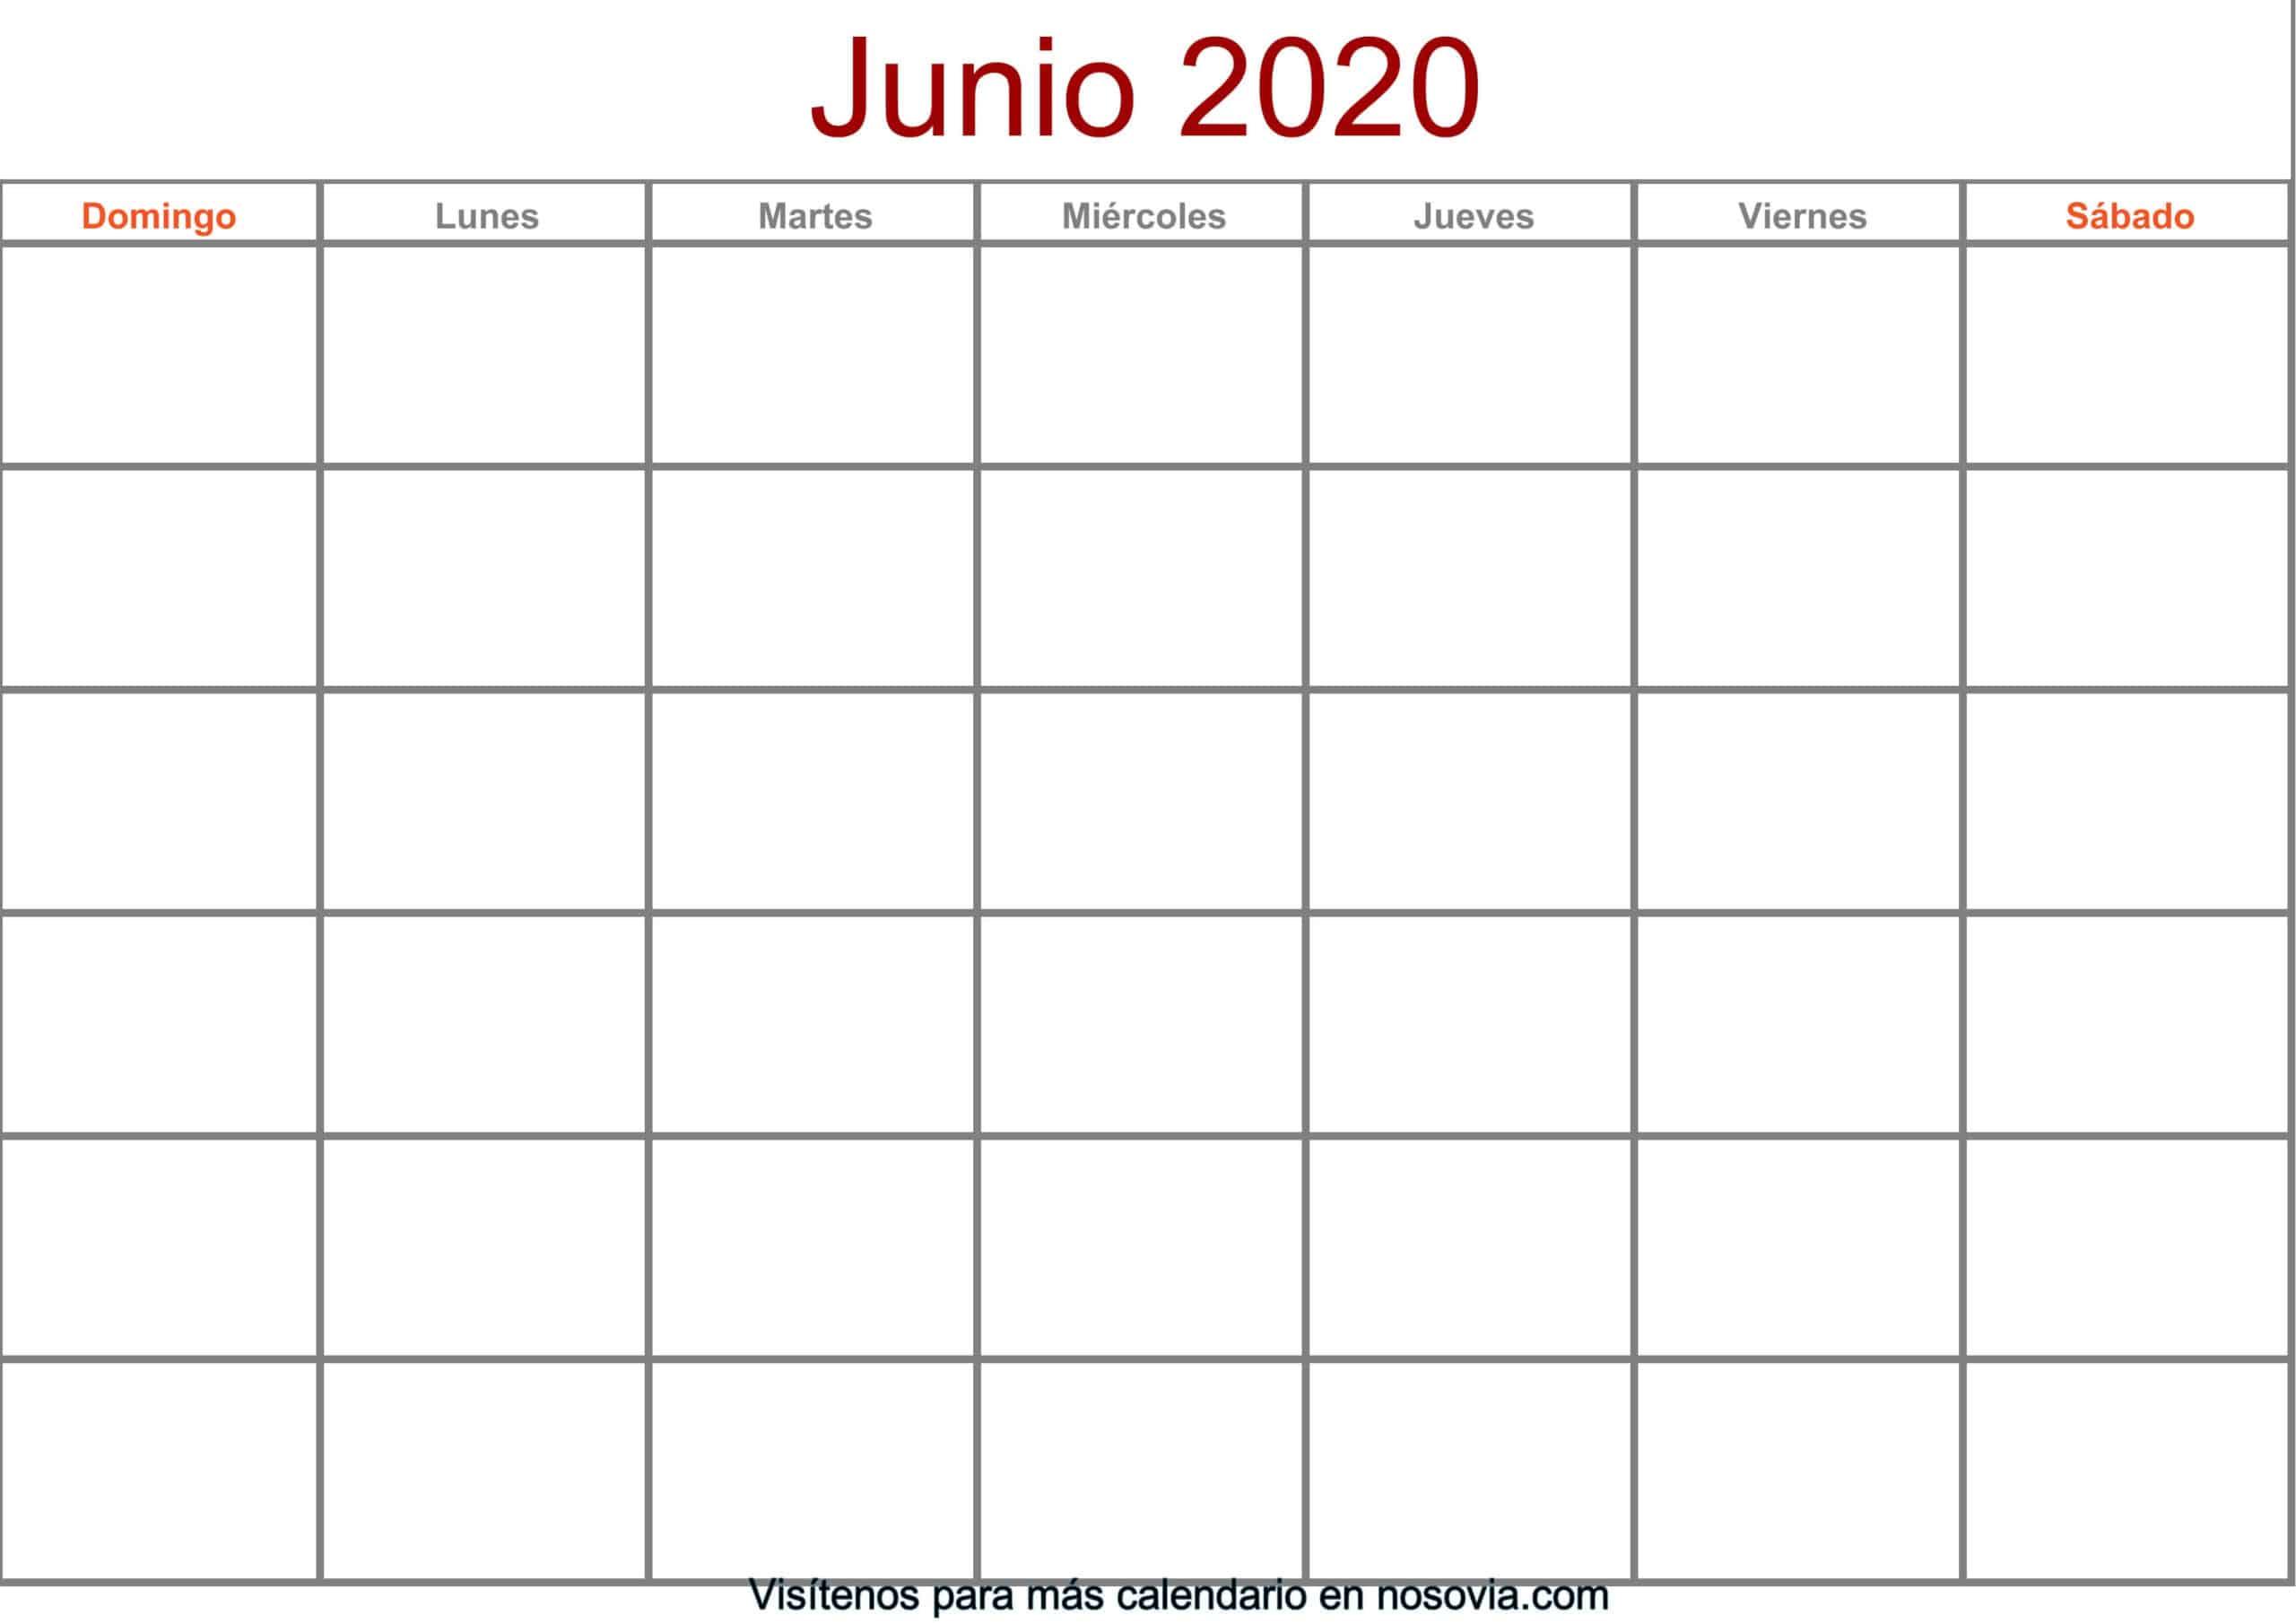 Calendario-junio-2020-en-blanco-Formato-gratis